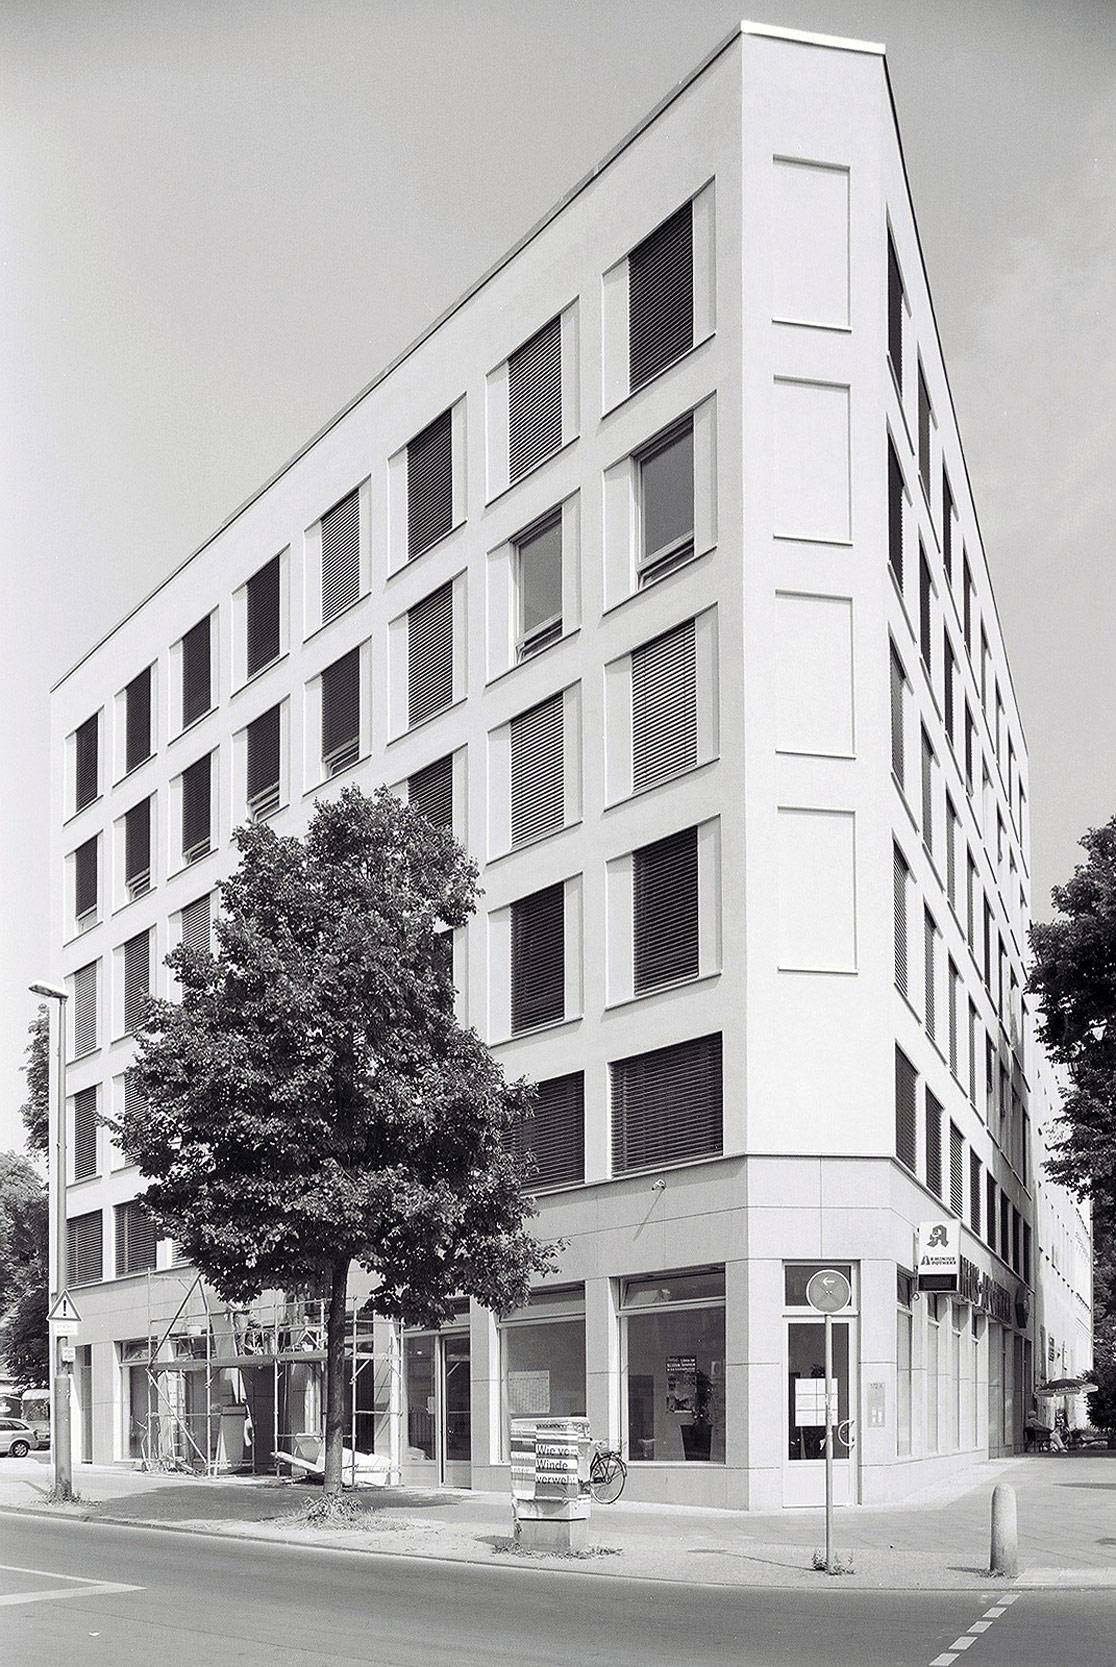 Serielle Fassade Bürobau Berlin - Geschäftshaus mit Penthouse als Eckbebauung